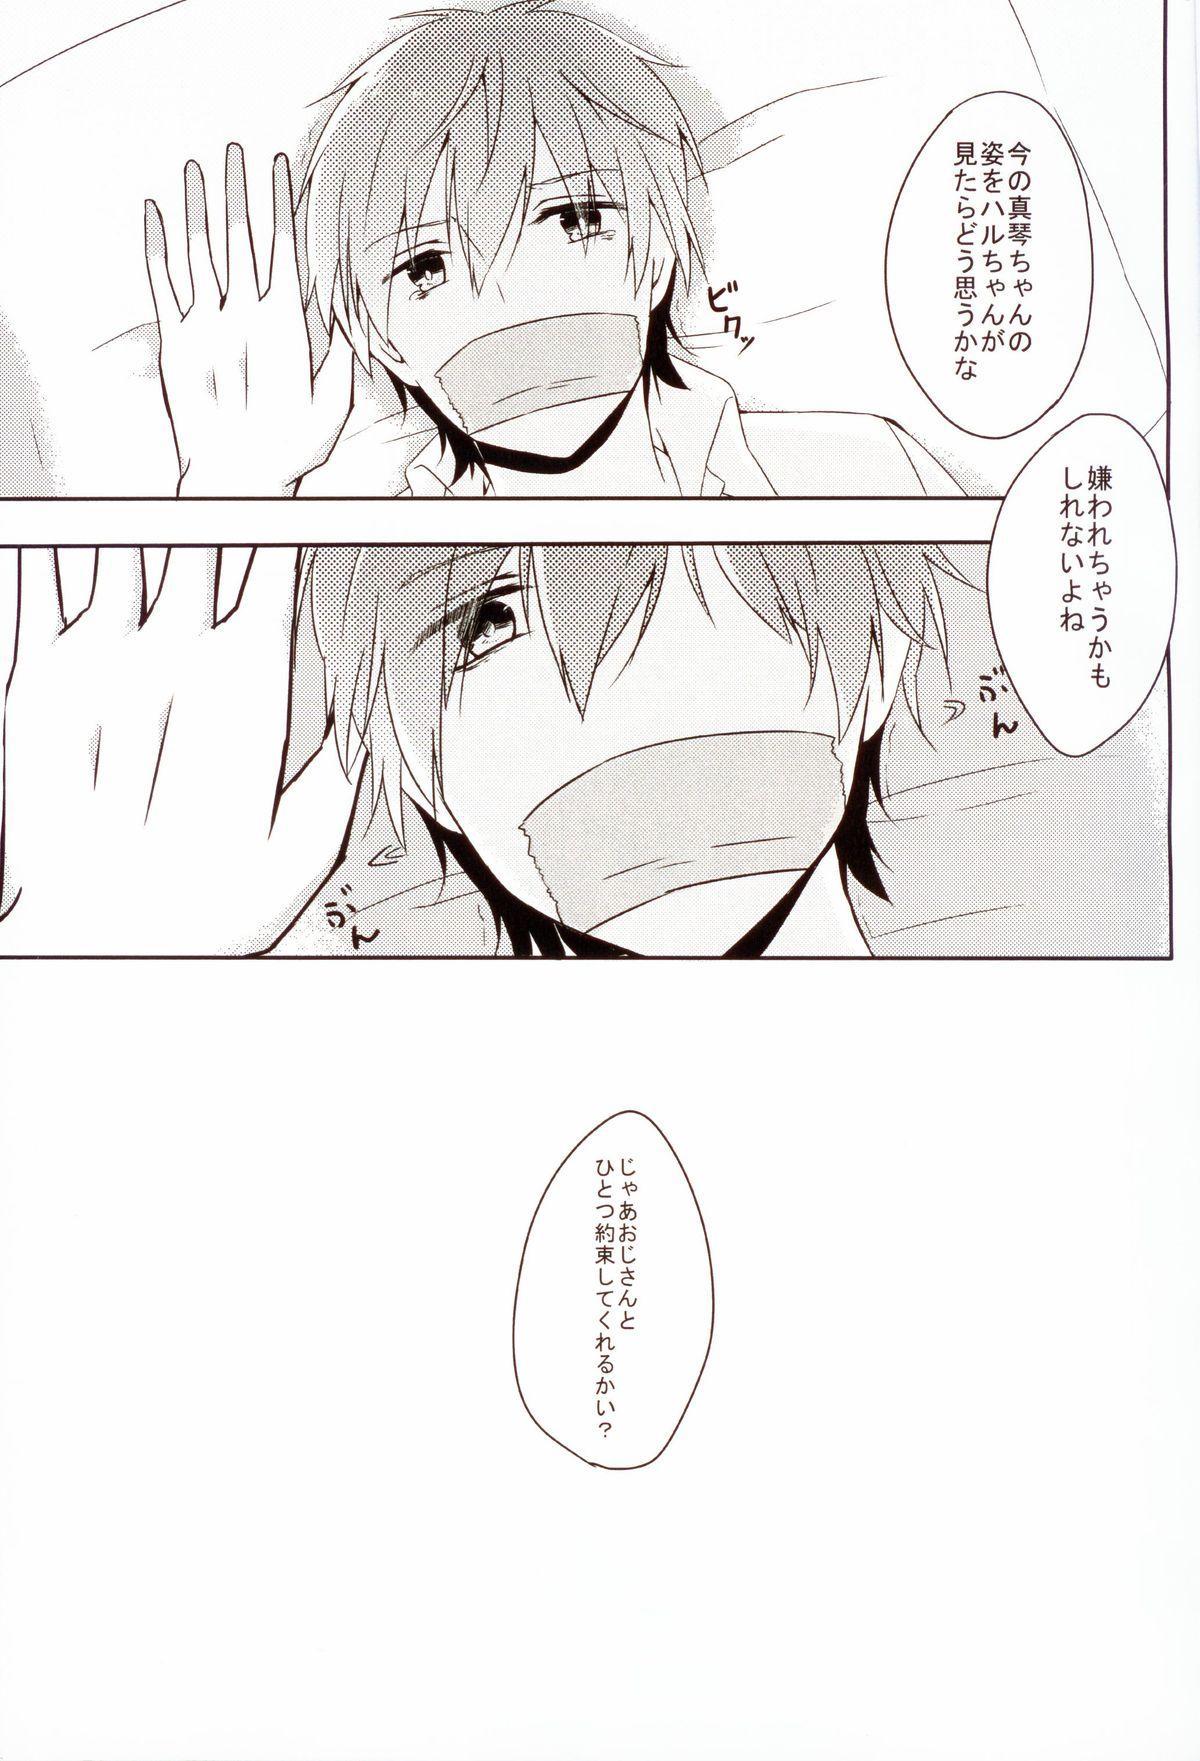 Makoto-chan o doro doro ni suru hon 11